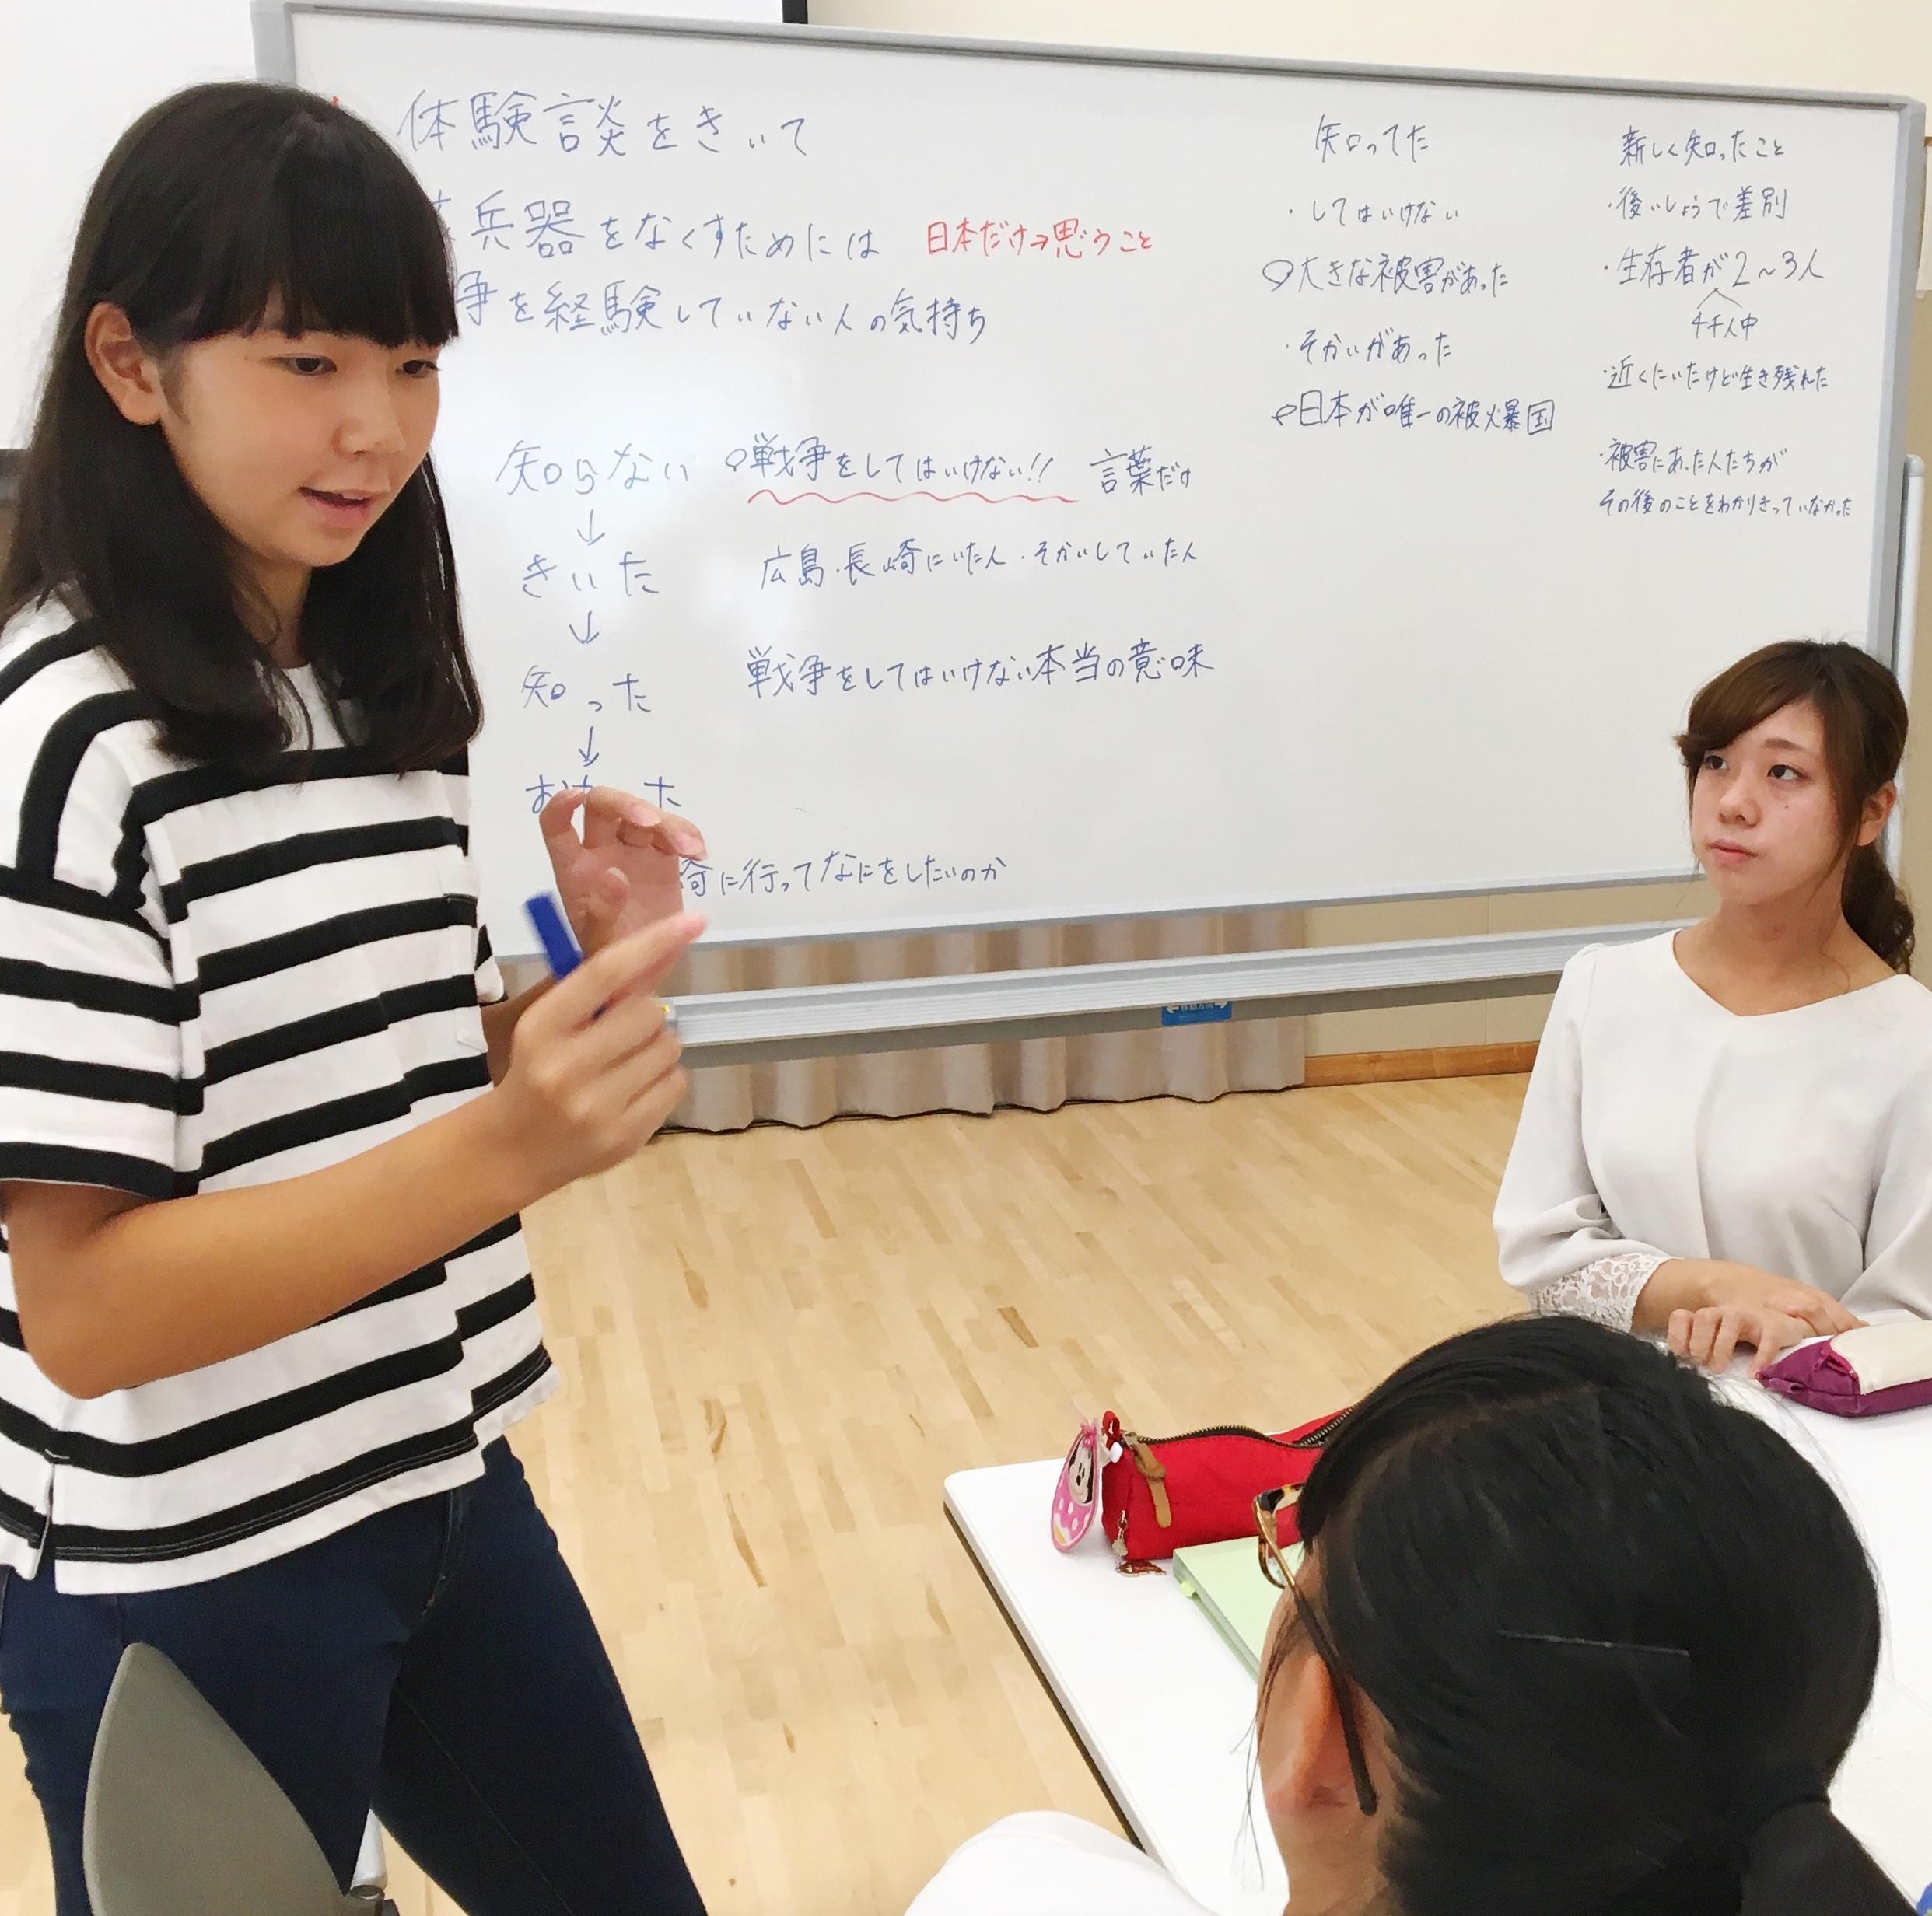 ピースメッセンジャー事前学習会三日目〜長崎市に届ける平和メッセージを作成しました